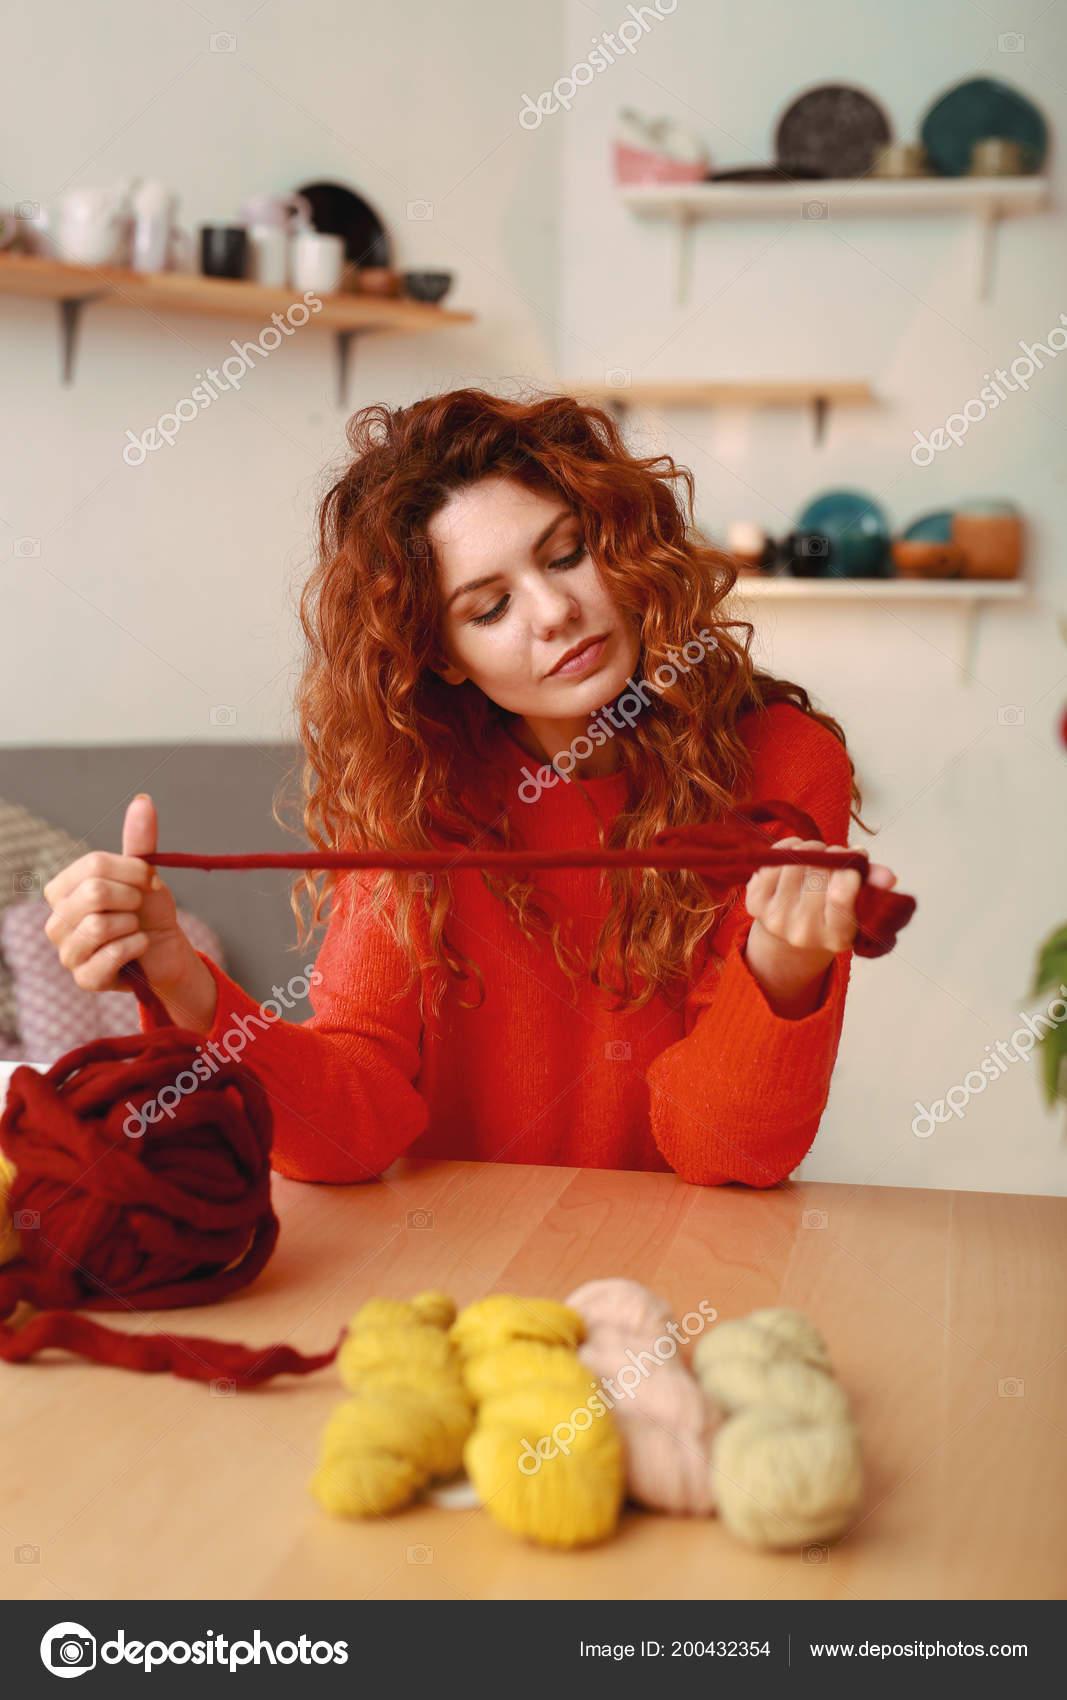 Háčkované podprocesu. Atraktivní raního dívka nosí zářivě červený svetr  drží husté kaštanové háčkování vlákno — Fotografie od ... 6e489effe2